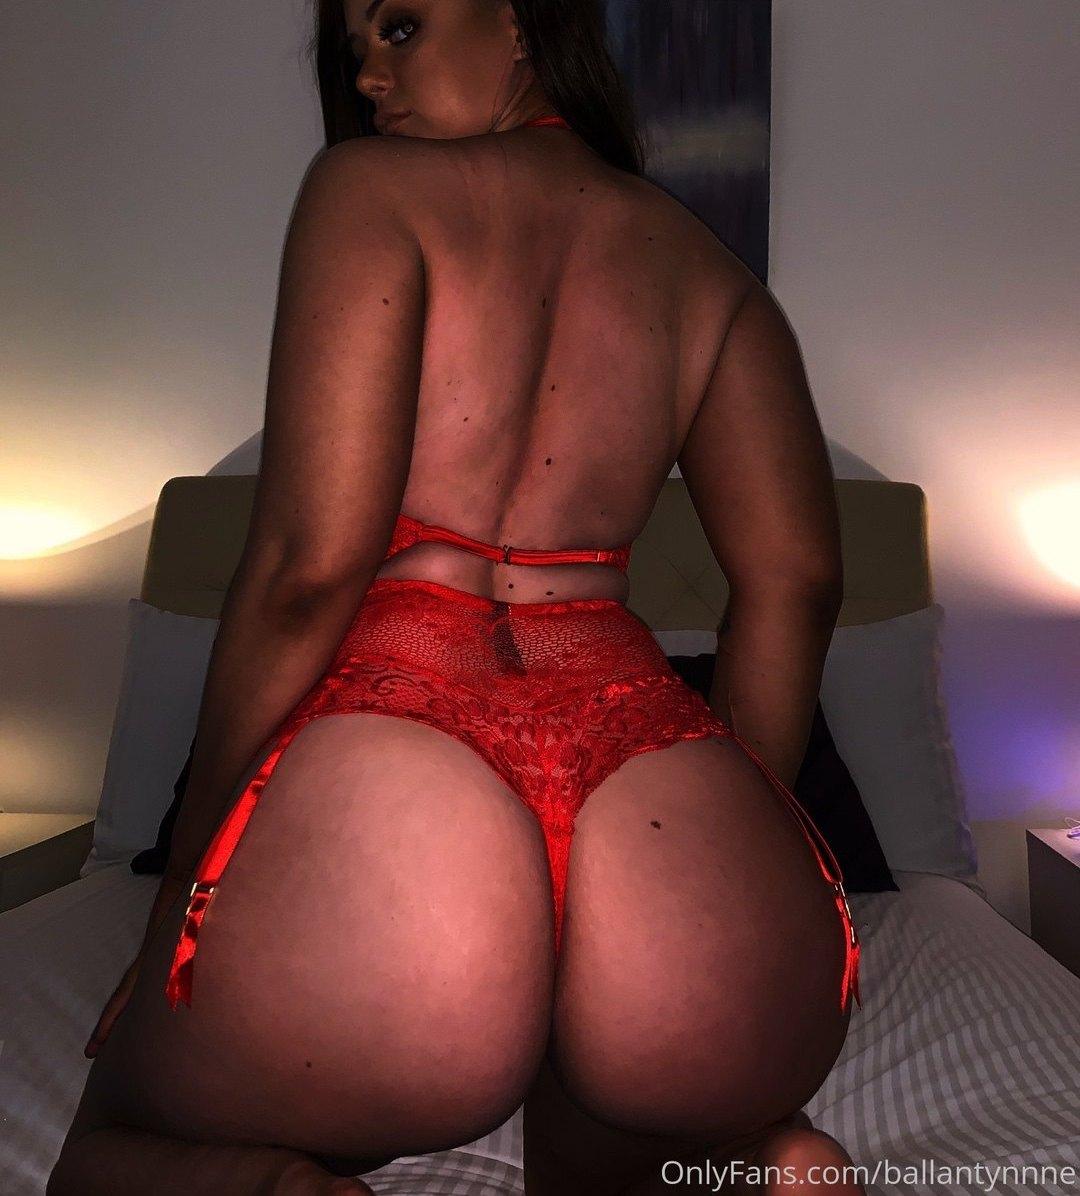 Ballantynnne Onlyfans Nudes Leaks 0017